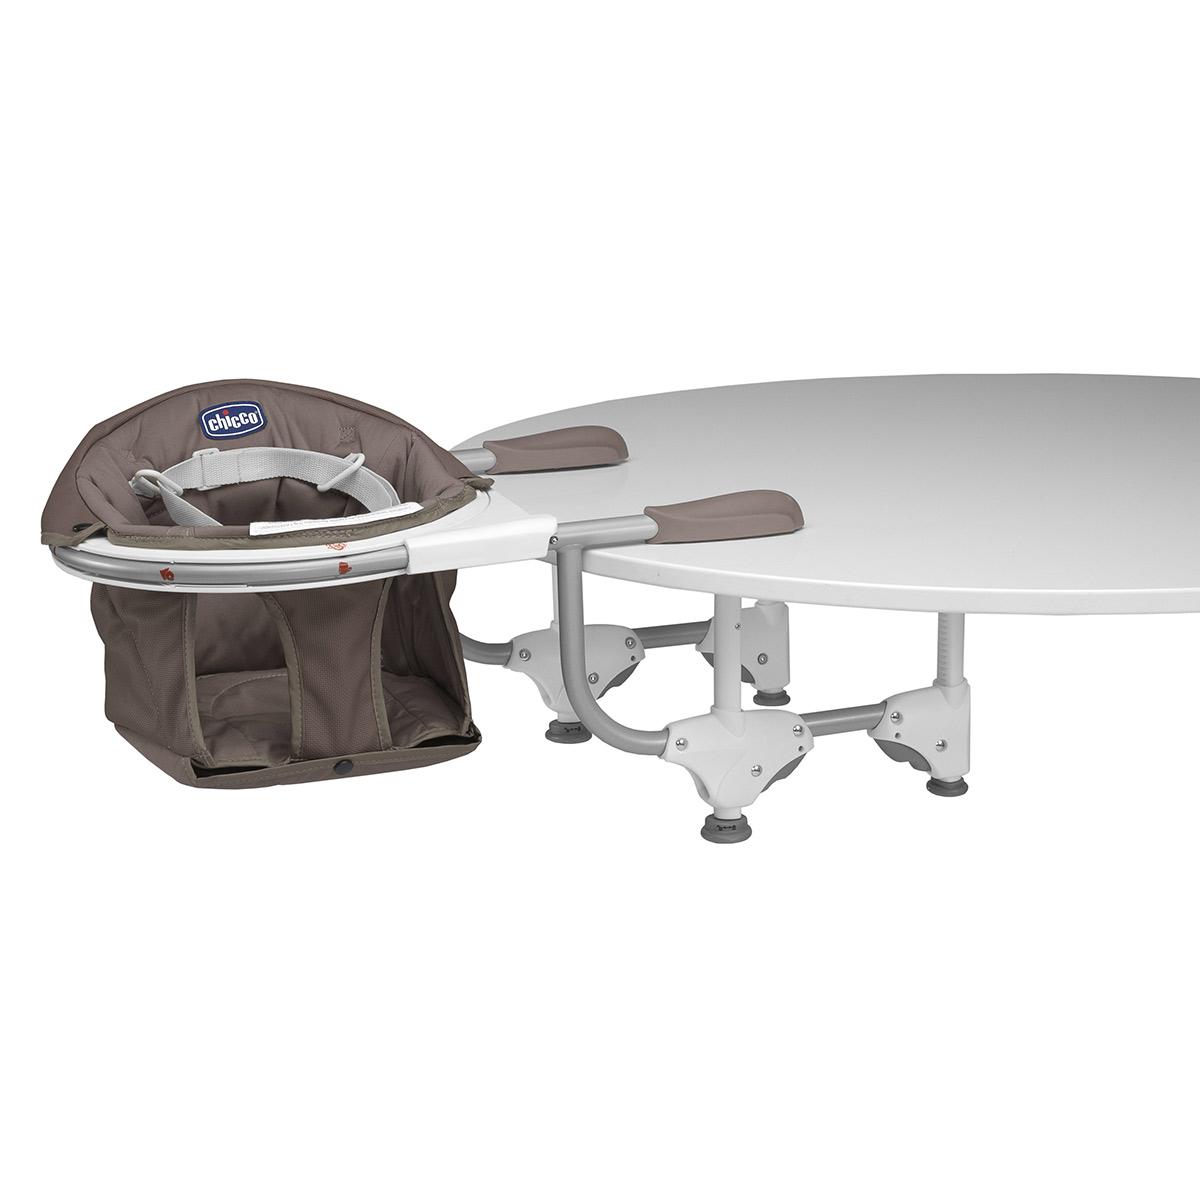 rehausseur de chaise enfant rhausseur sige portable pliable rhausseur sige de table bb en with. Black Bedroom Furniture Sets. Home Design Ideas